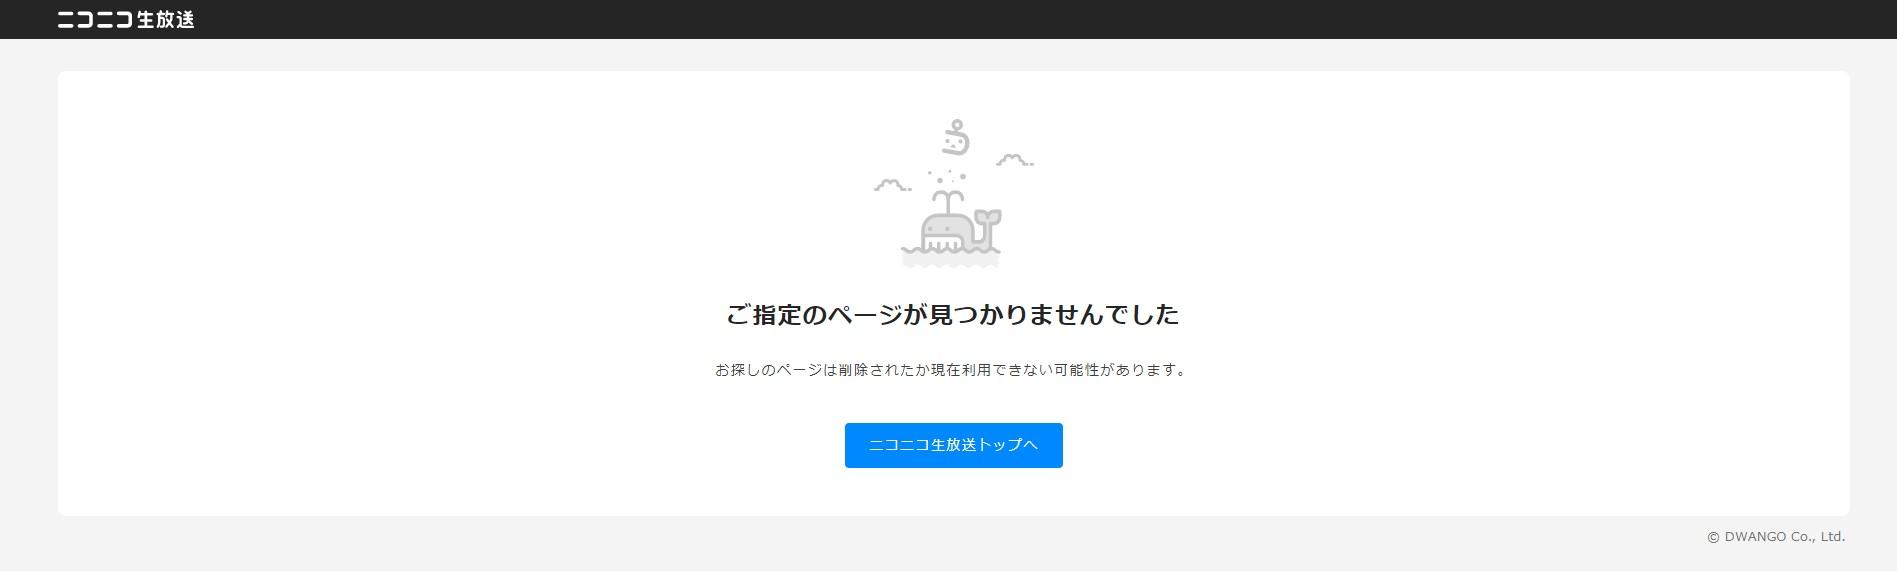 横山 緑 twitter